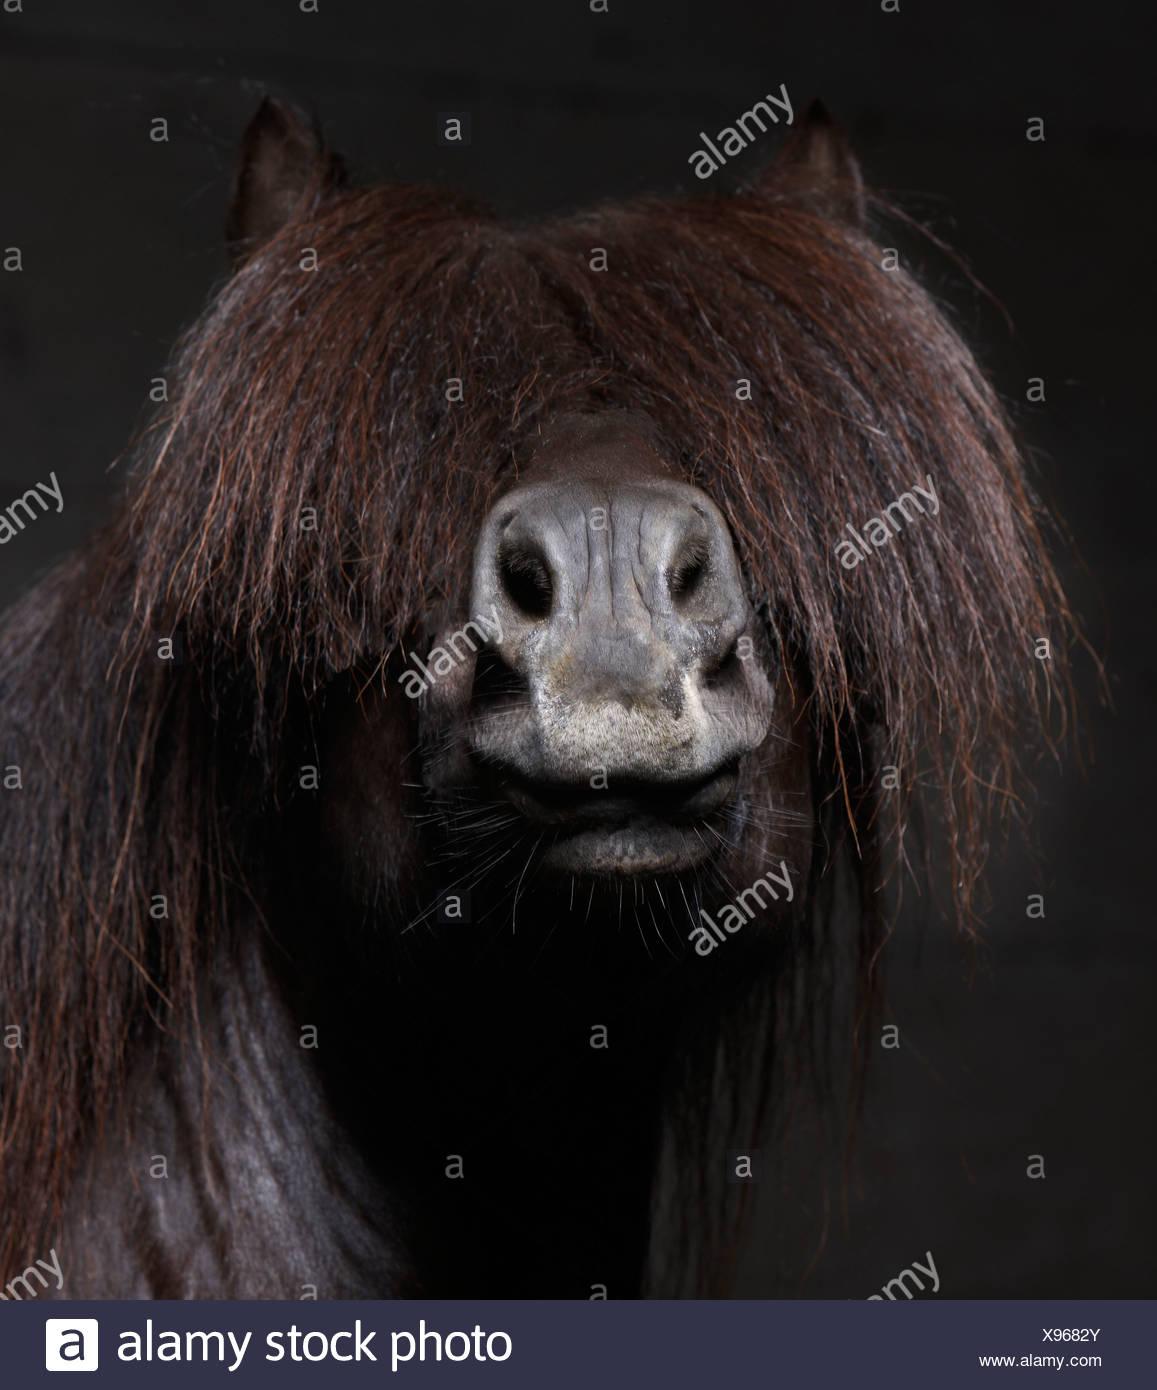 Pure Race étalon islandais avec crinière sur les yeux, l'Islande Photo Stock